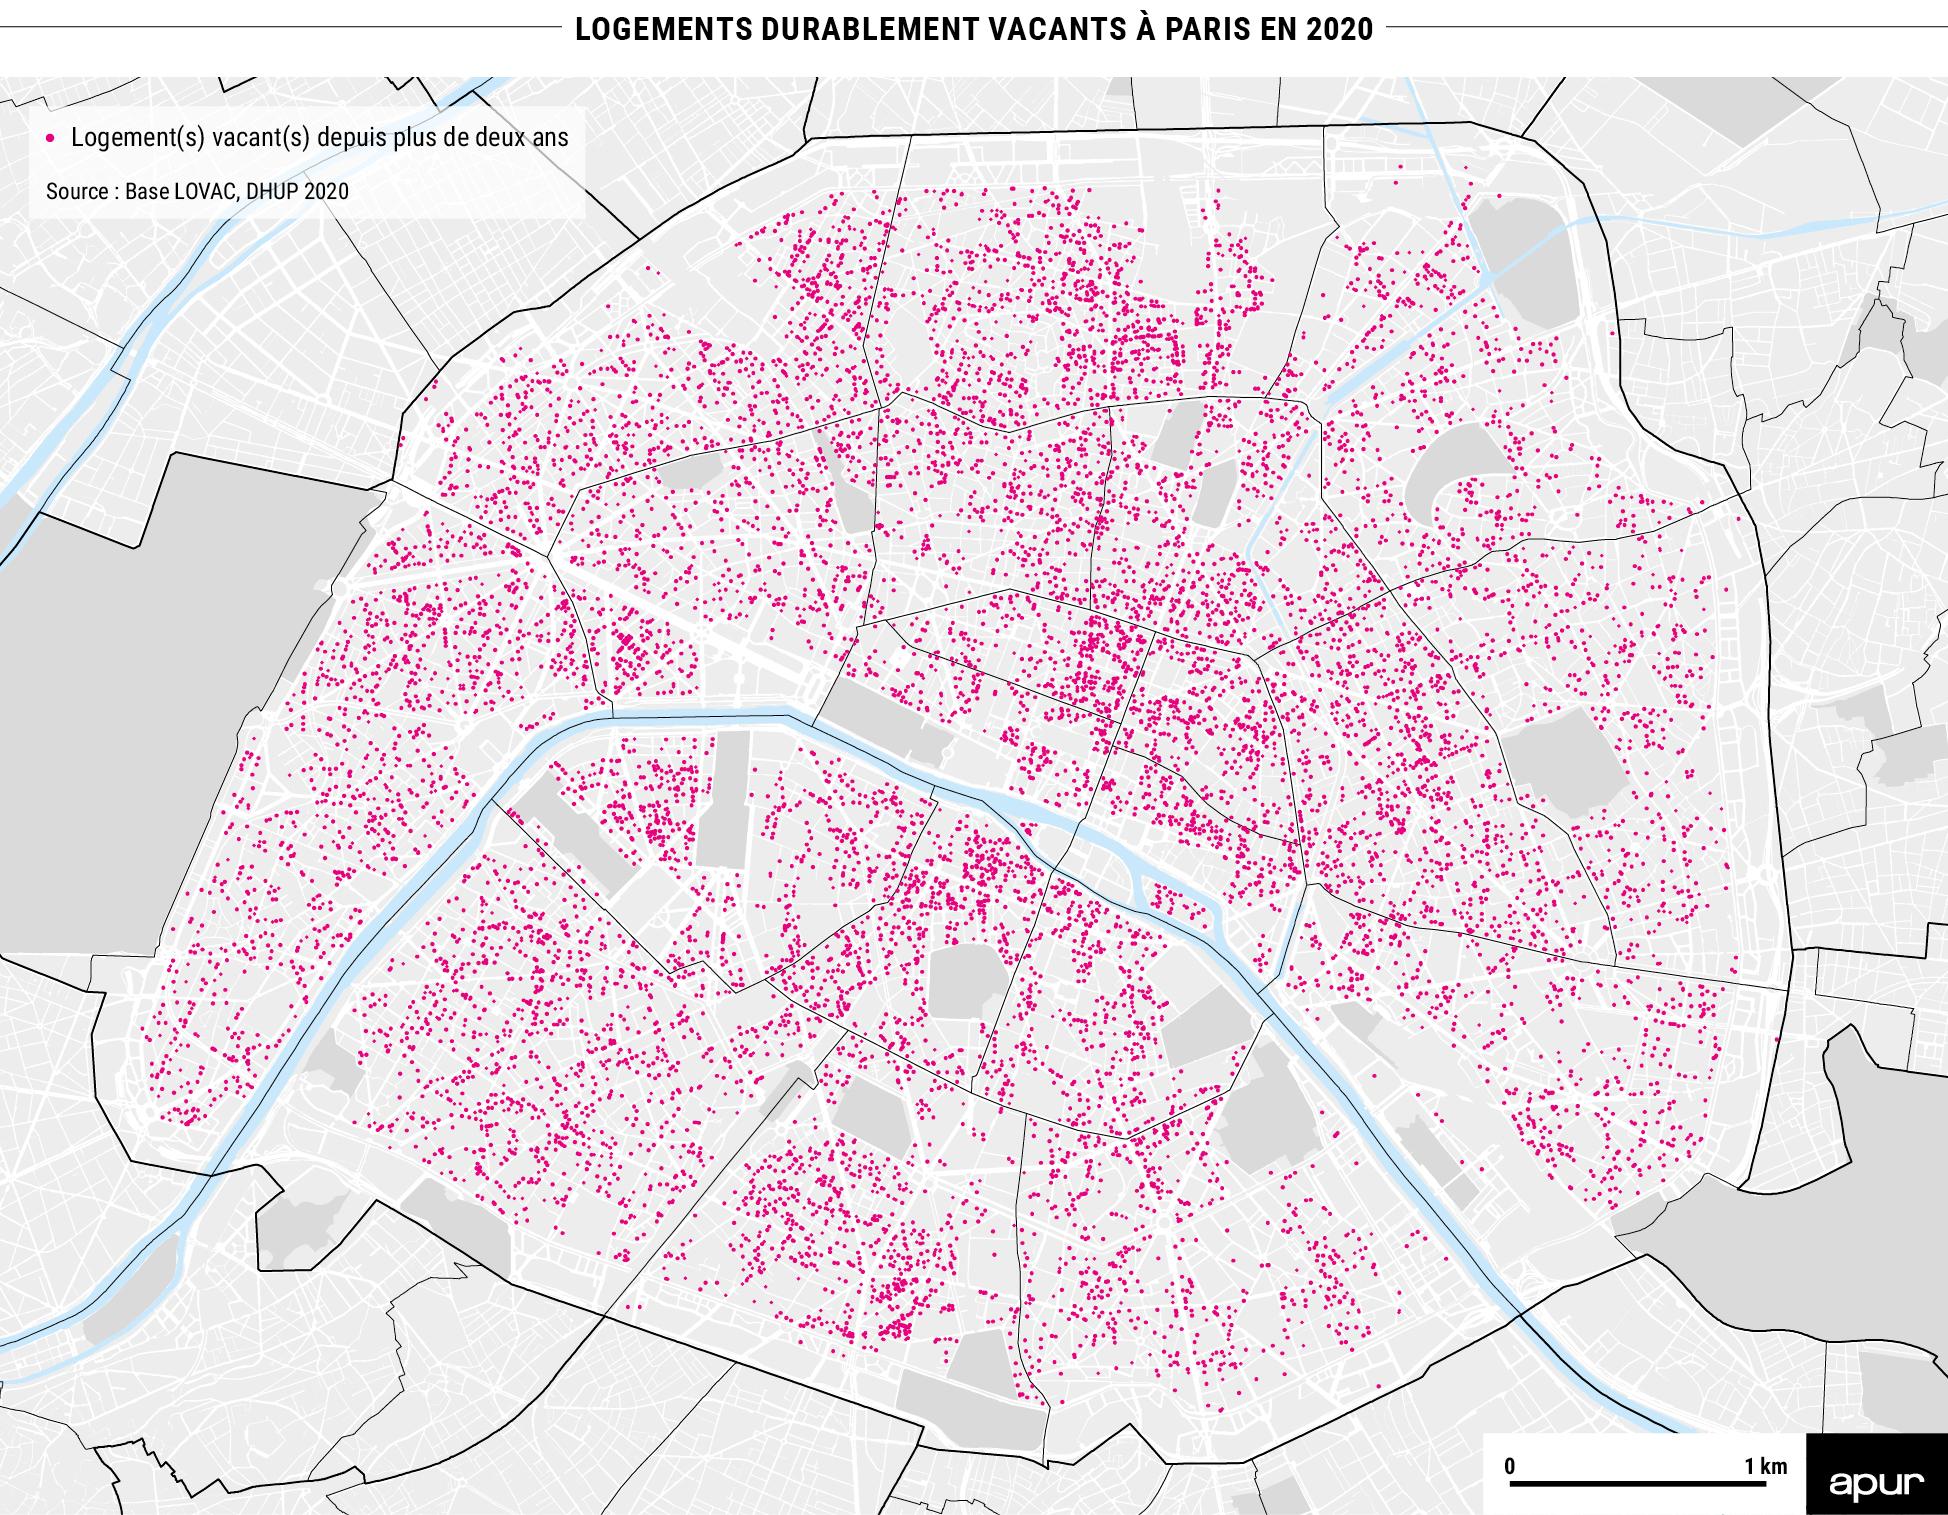 Nombre de logements durablement vacants par arrondissement à Paris © Apur